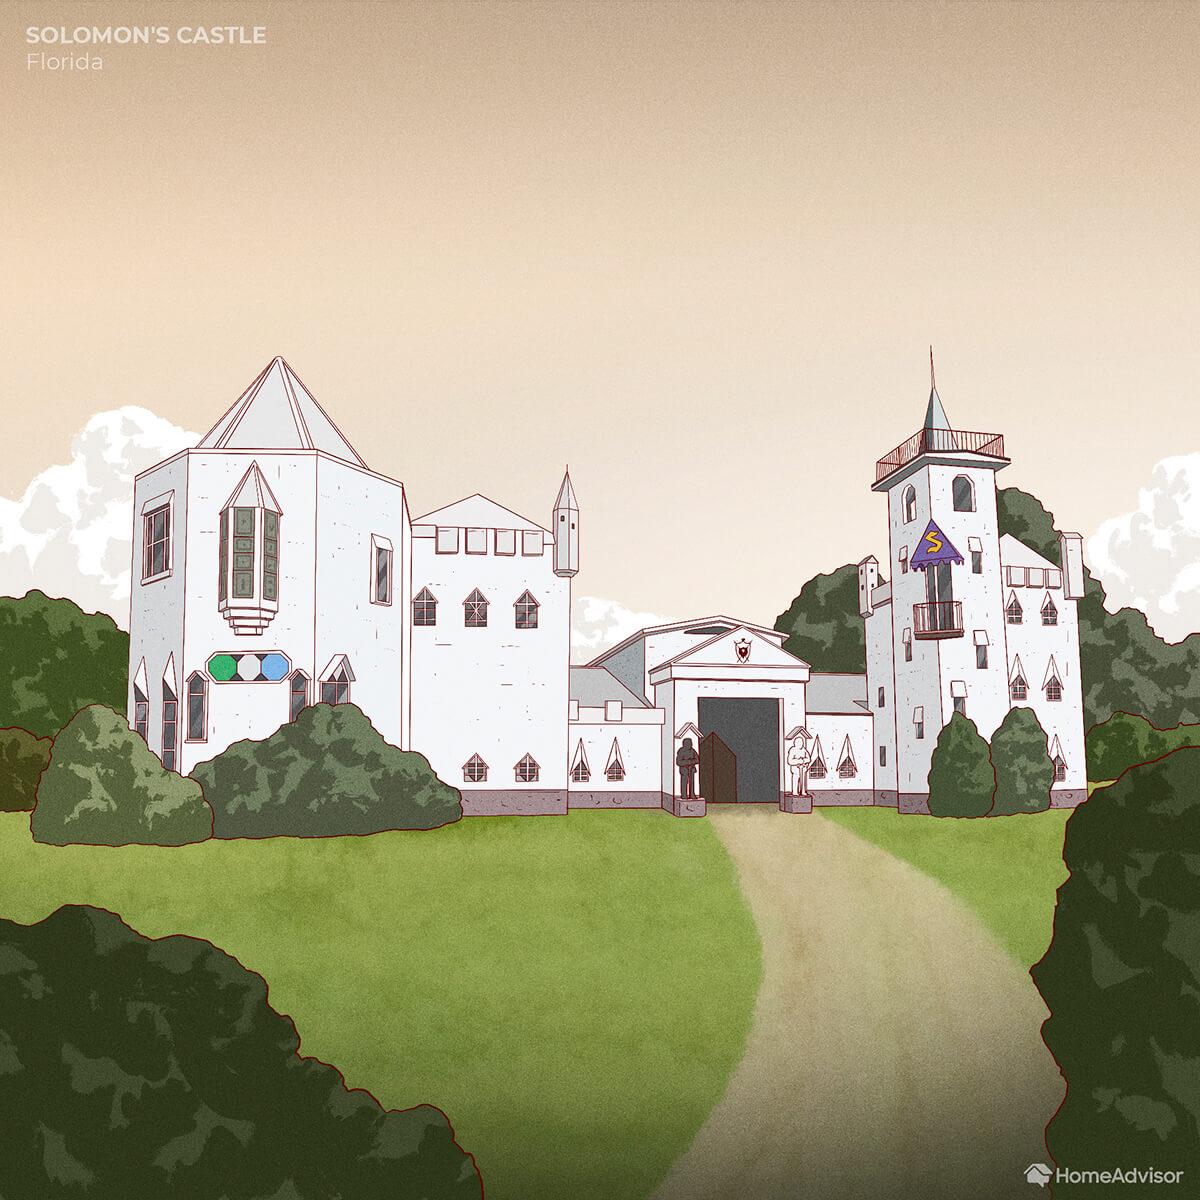 Soloman's Castle